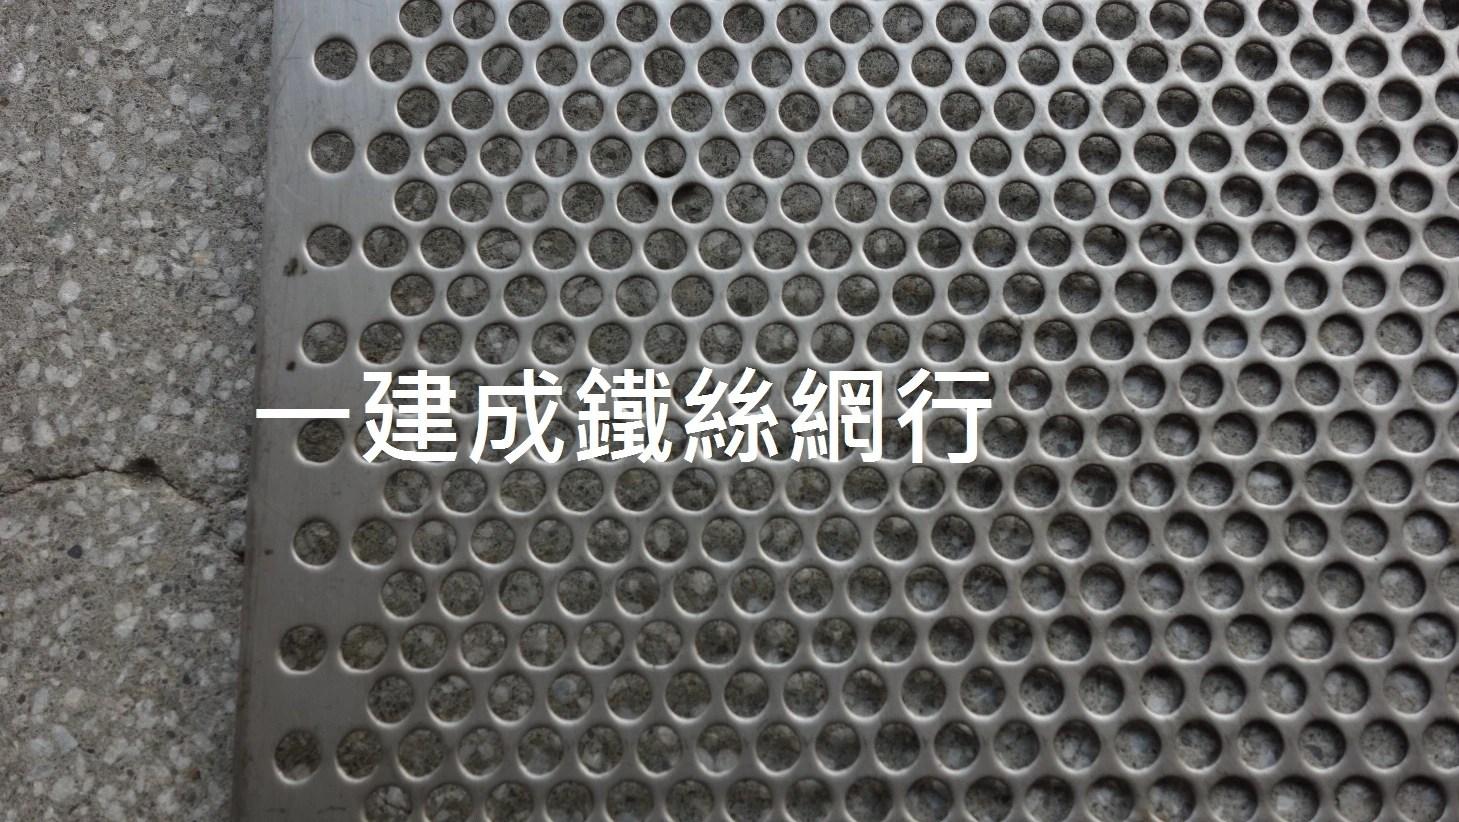 304不銹鋼沖孔網板 / 桃園市中壢區-一建成 / 臺灣黃頁詢價平臺